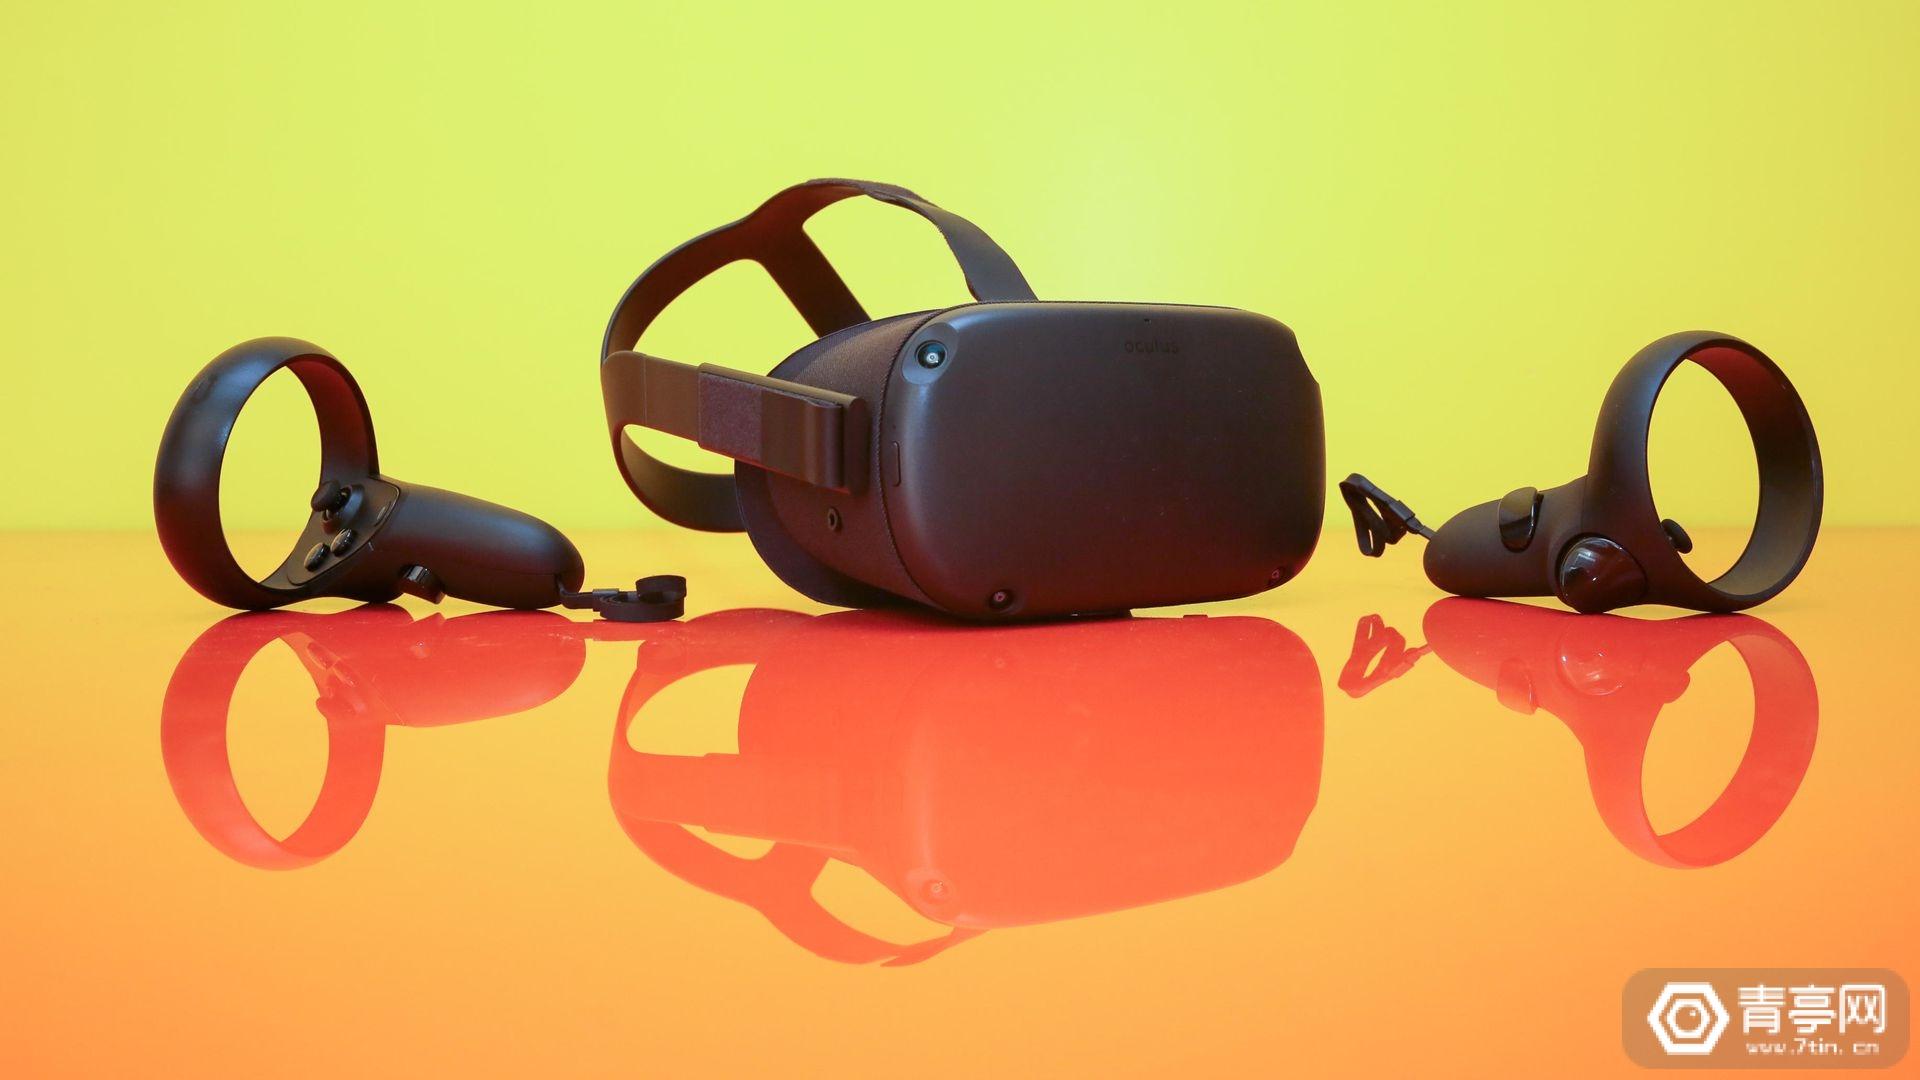 扎克伯格采访:VR仍然小众,Quest优势持续到明年